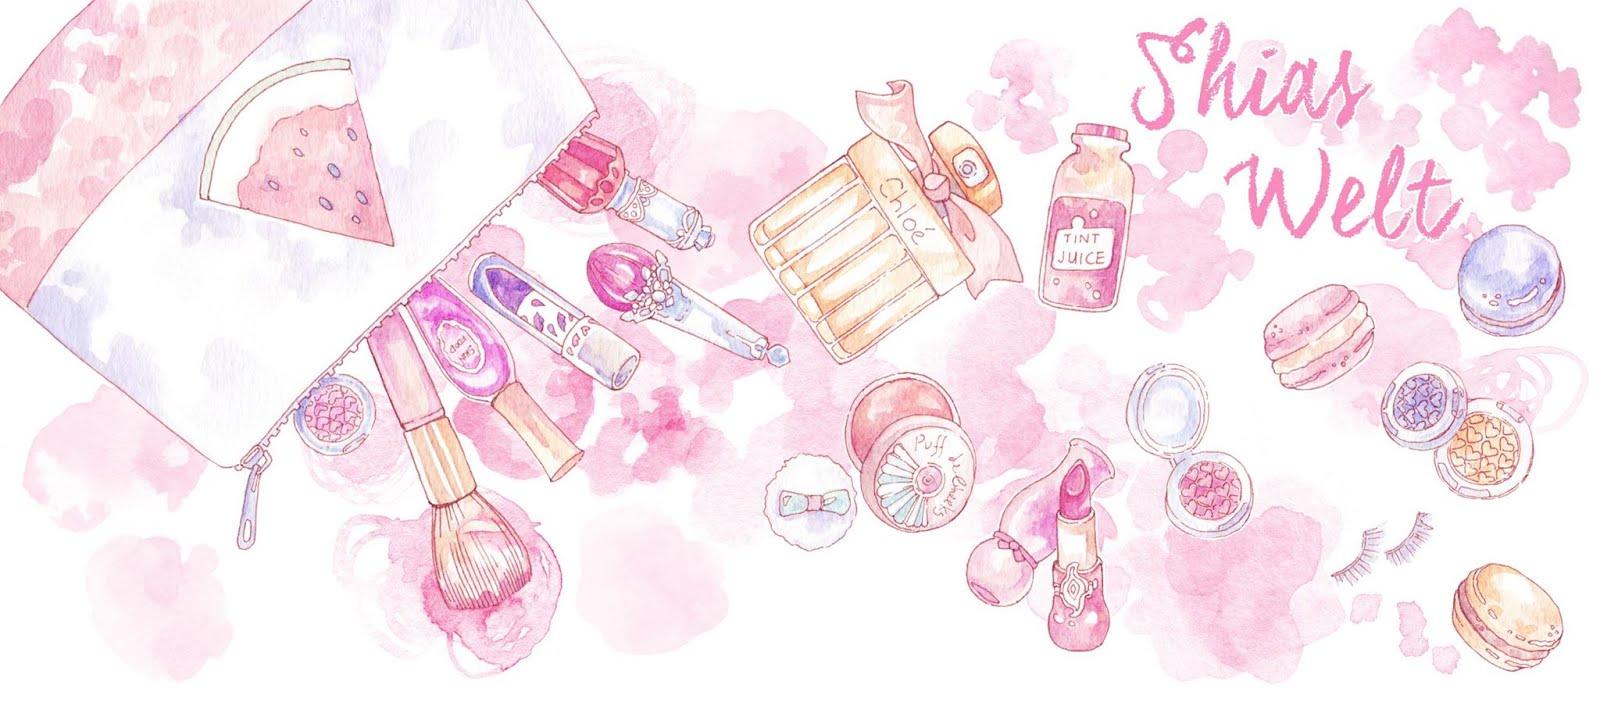 Shias Welt - Der Beautyblog rund um asiatische Kosmetik.